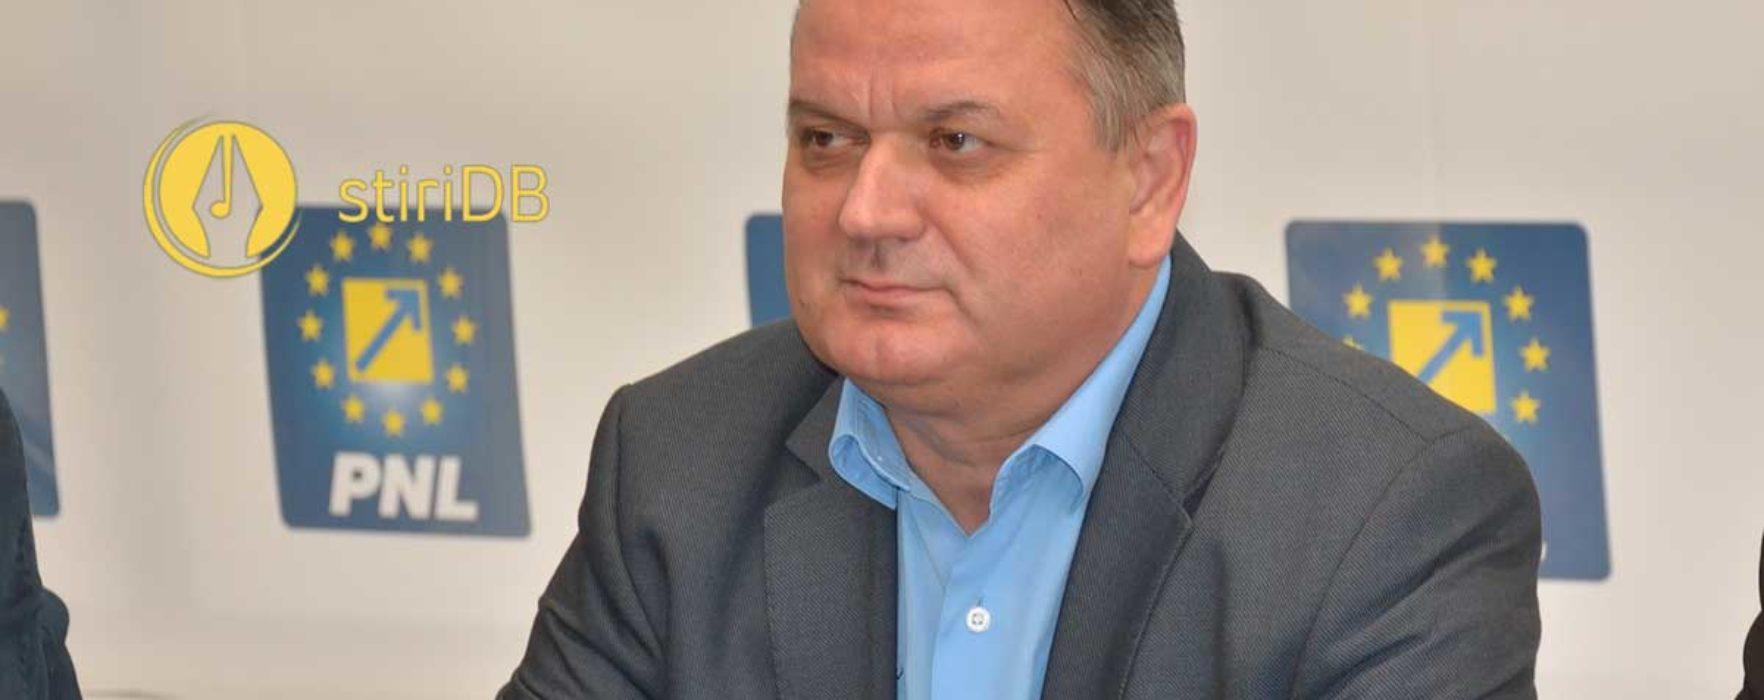 PSD Dâmboviţa: Guran şi-a angajat familia la Ministerul Dezvoltării, în timp ce se fac disponibilizări